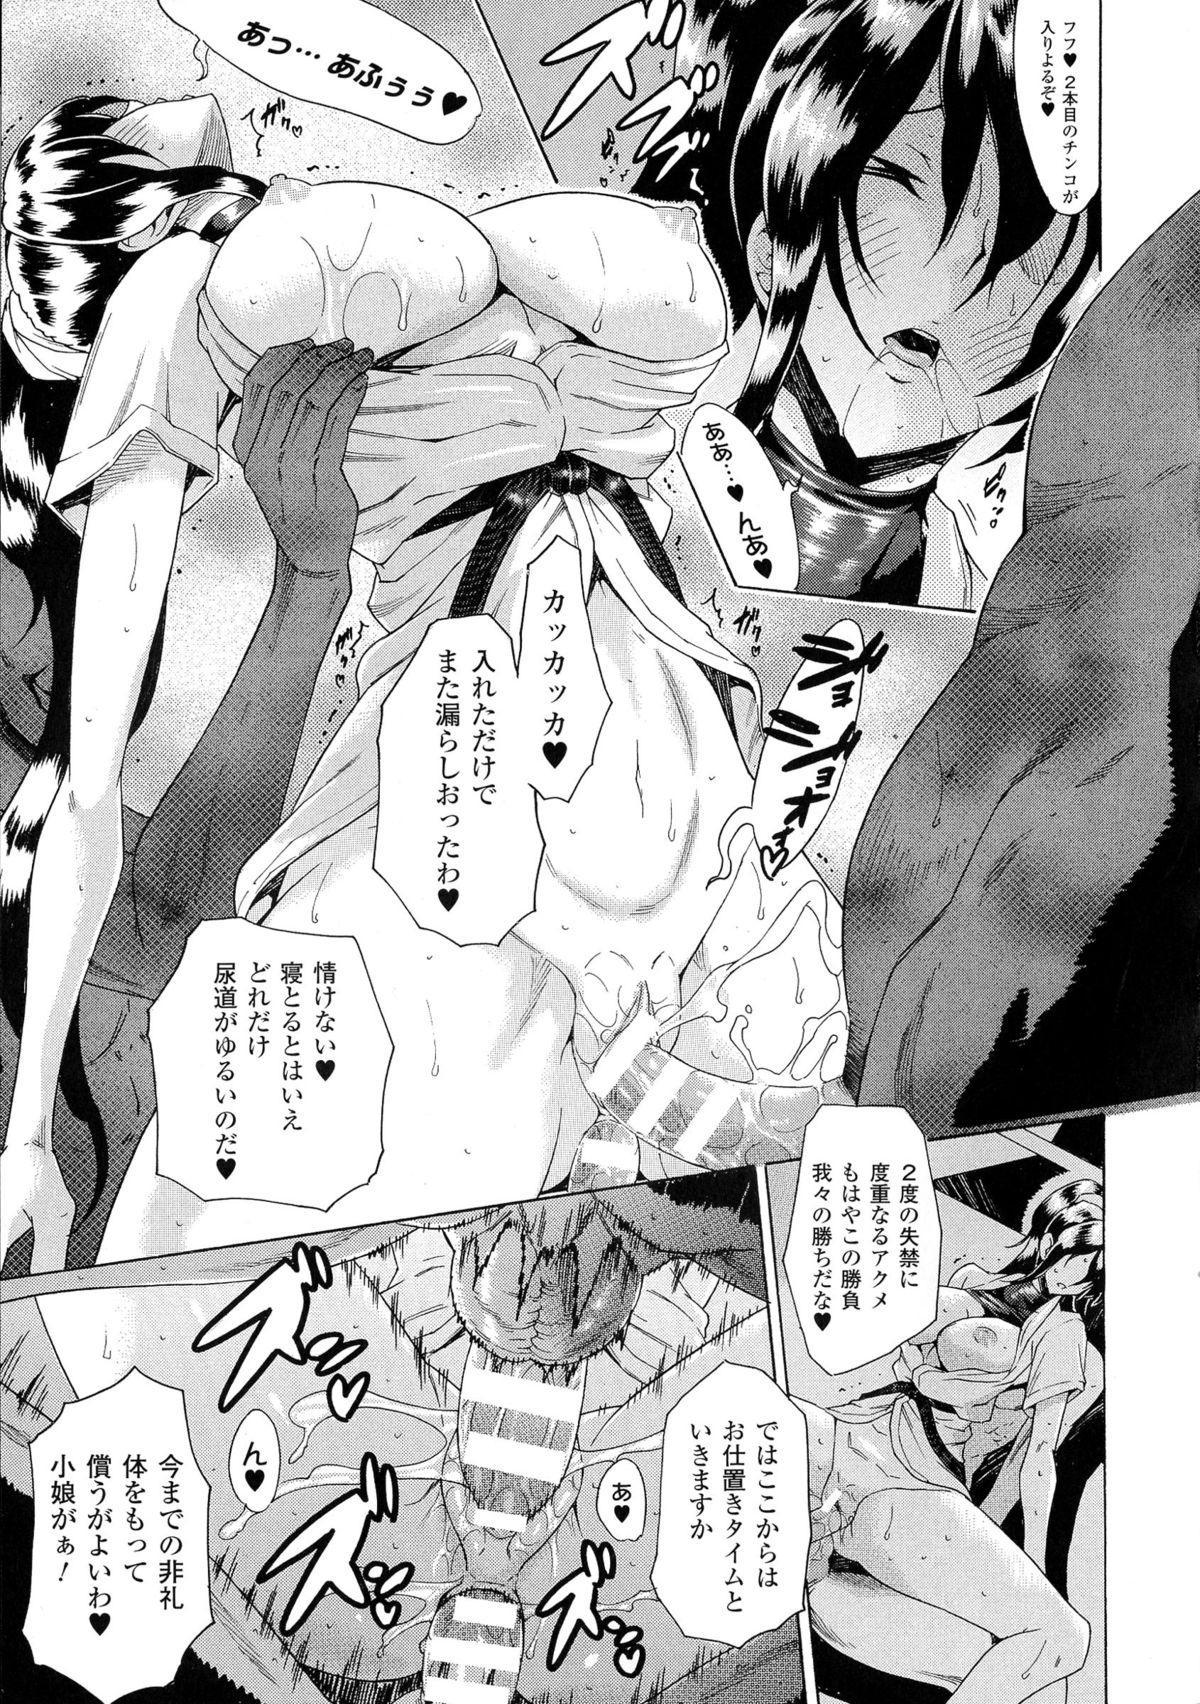 Kachiki na Onna ga Buzama na Ahegao o Sarasu made 156